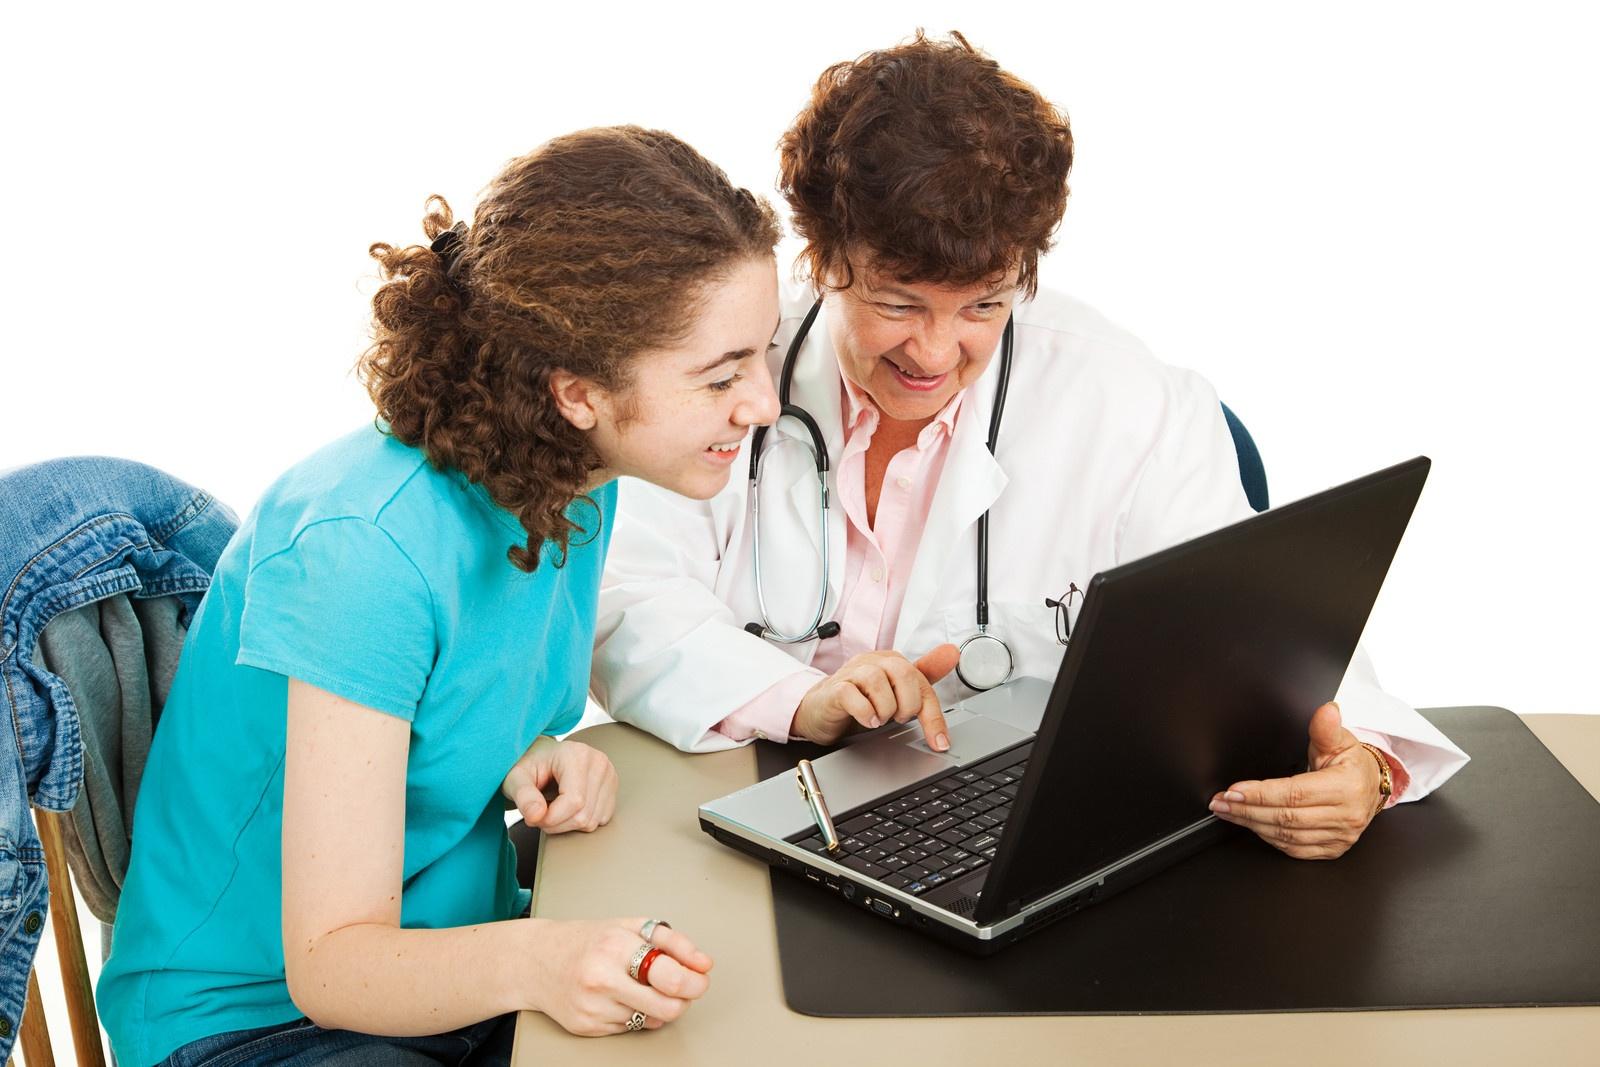 Teledermatology services dermatologist patient